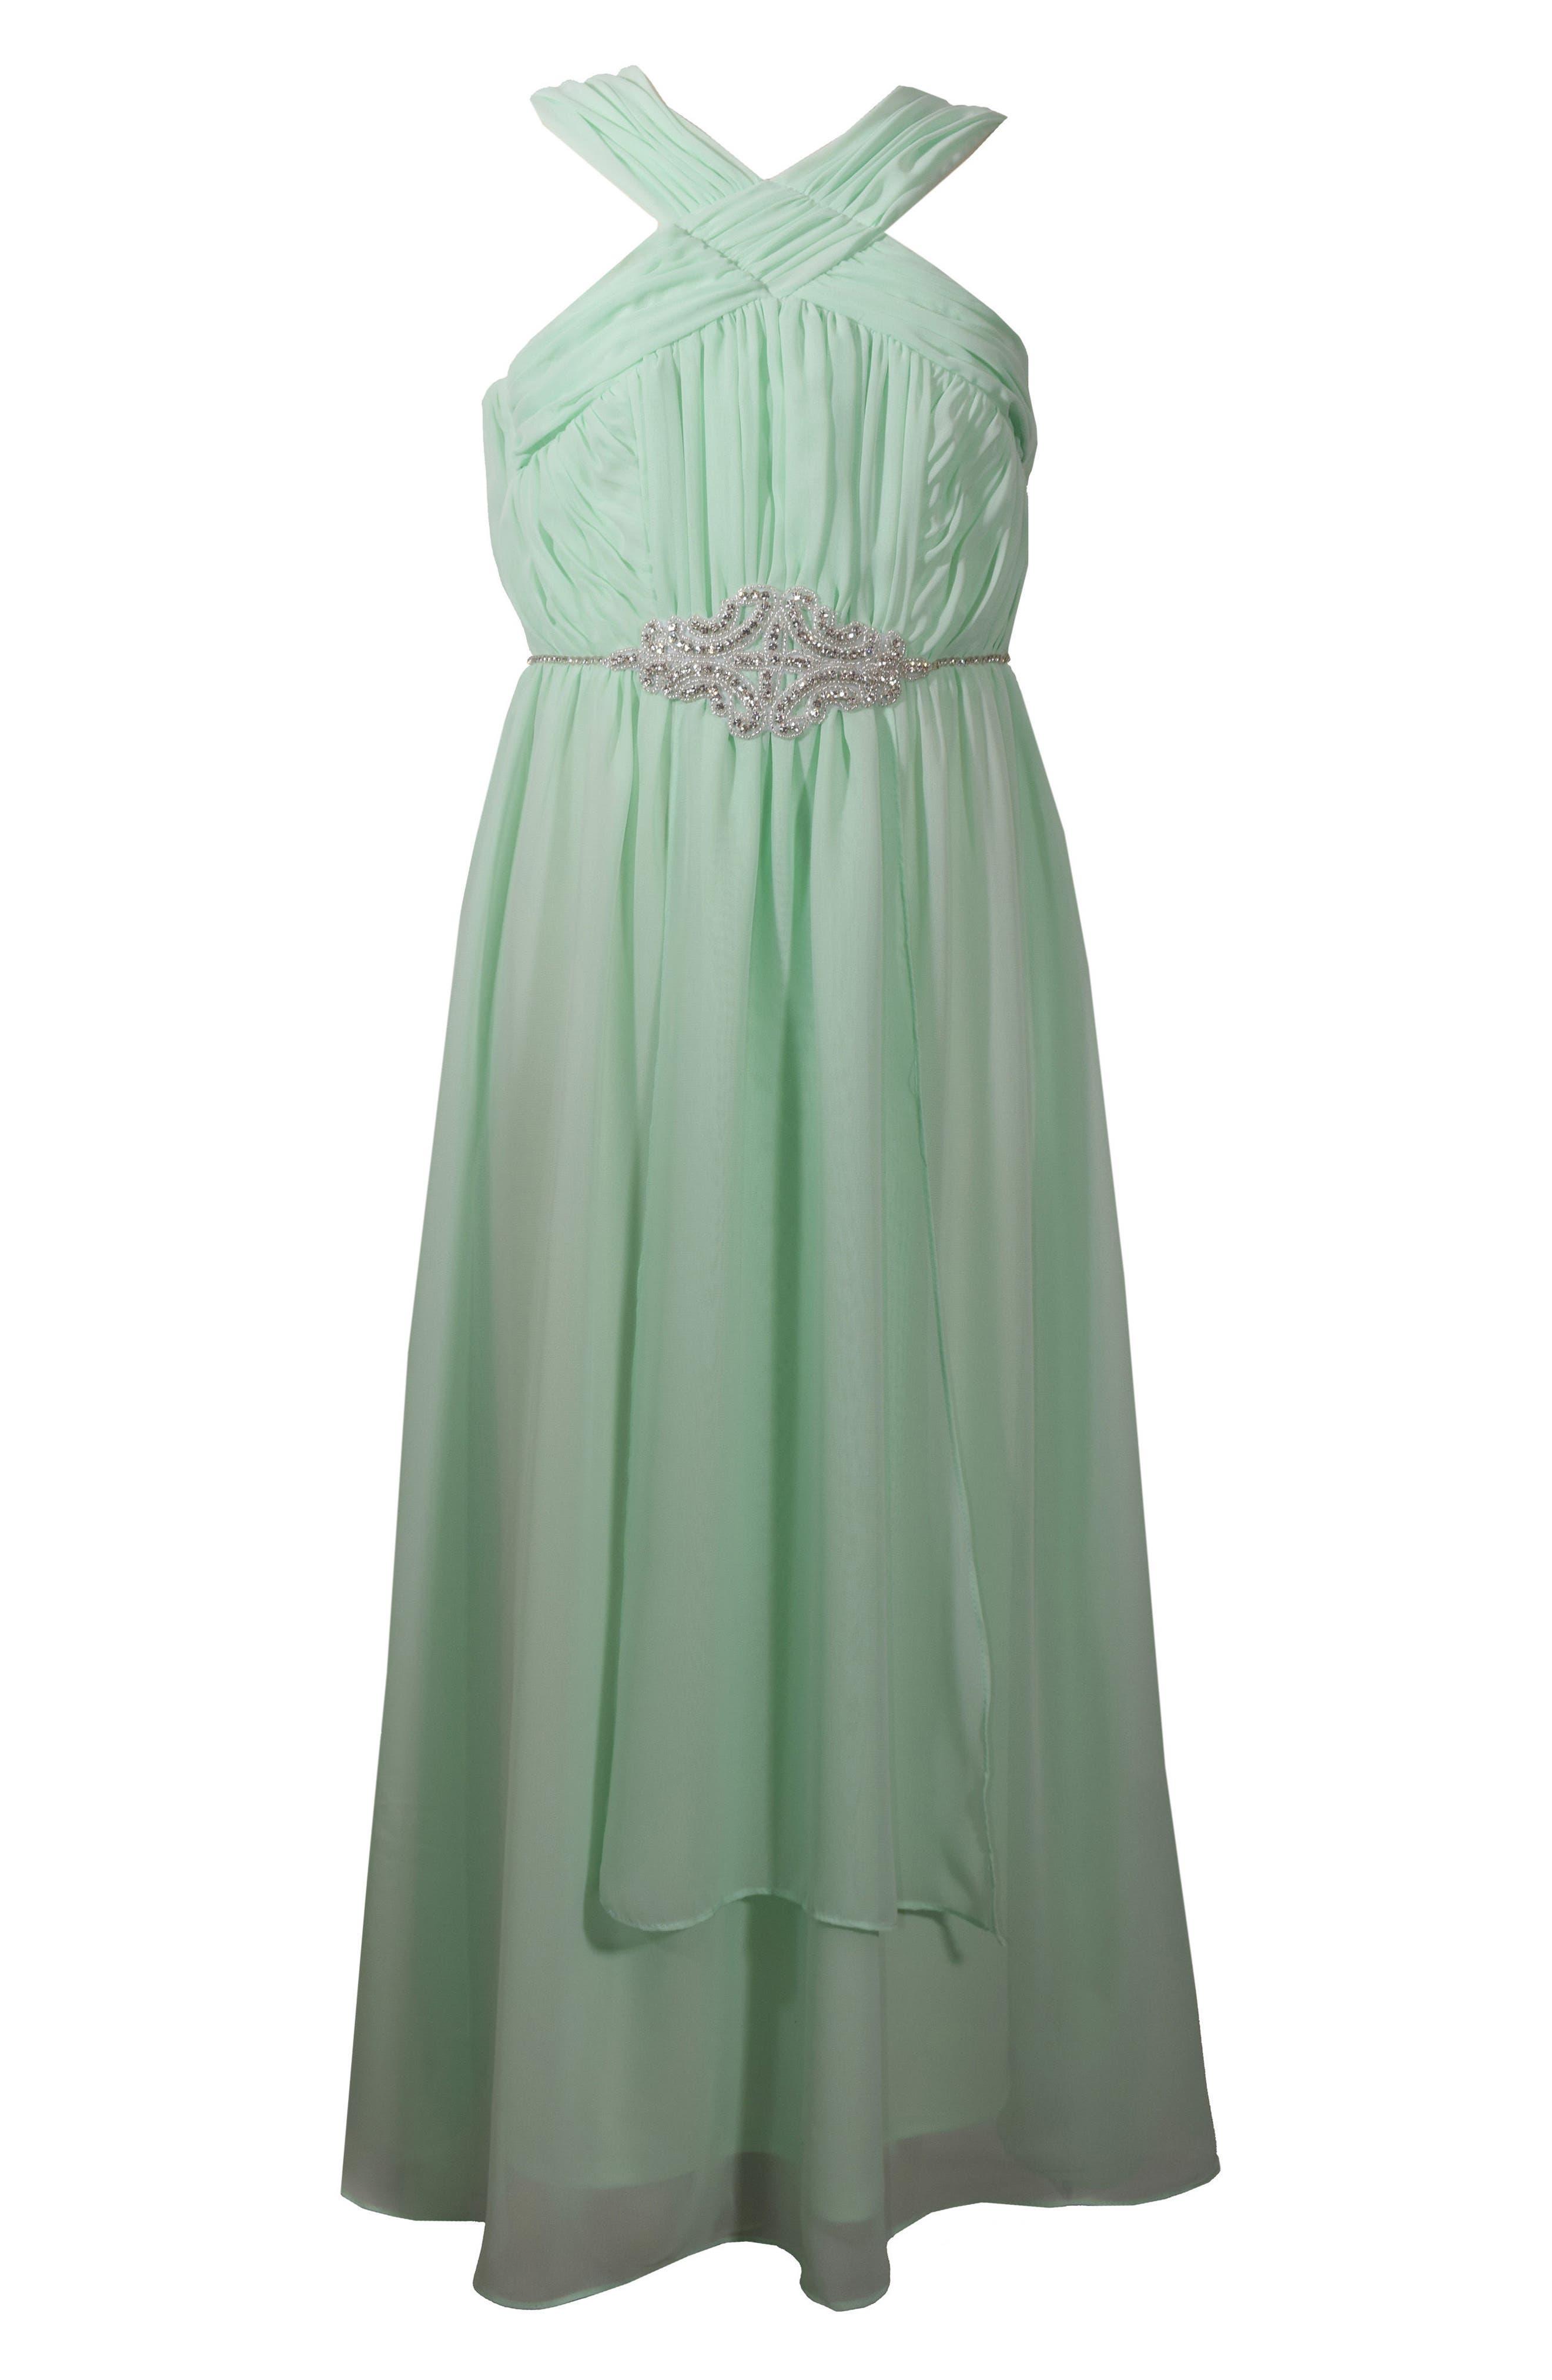 Main Image - Iris & Ivy Sleeveless Chiffon Dress (Big Girls)